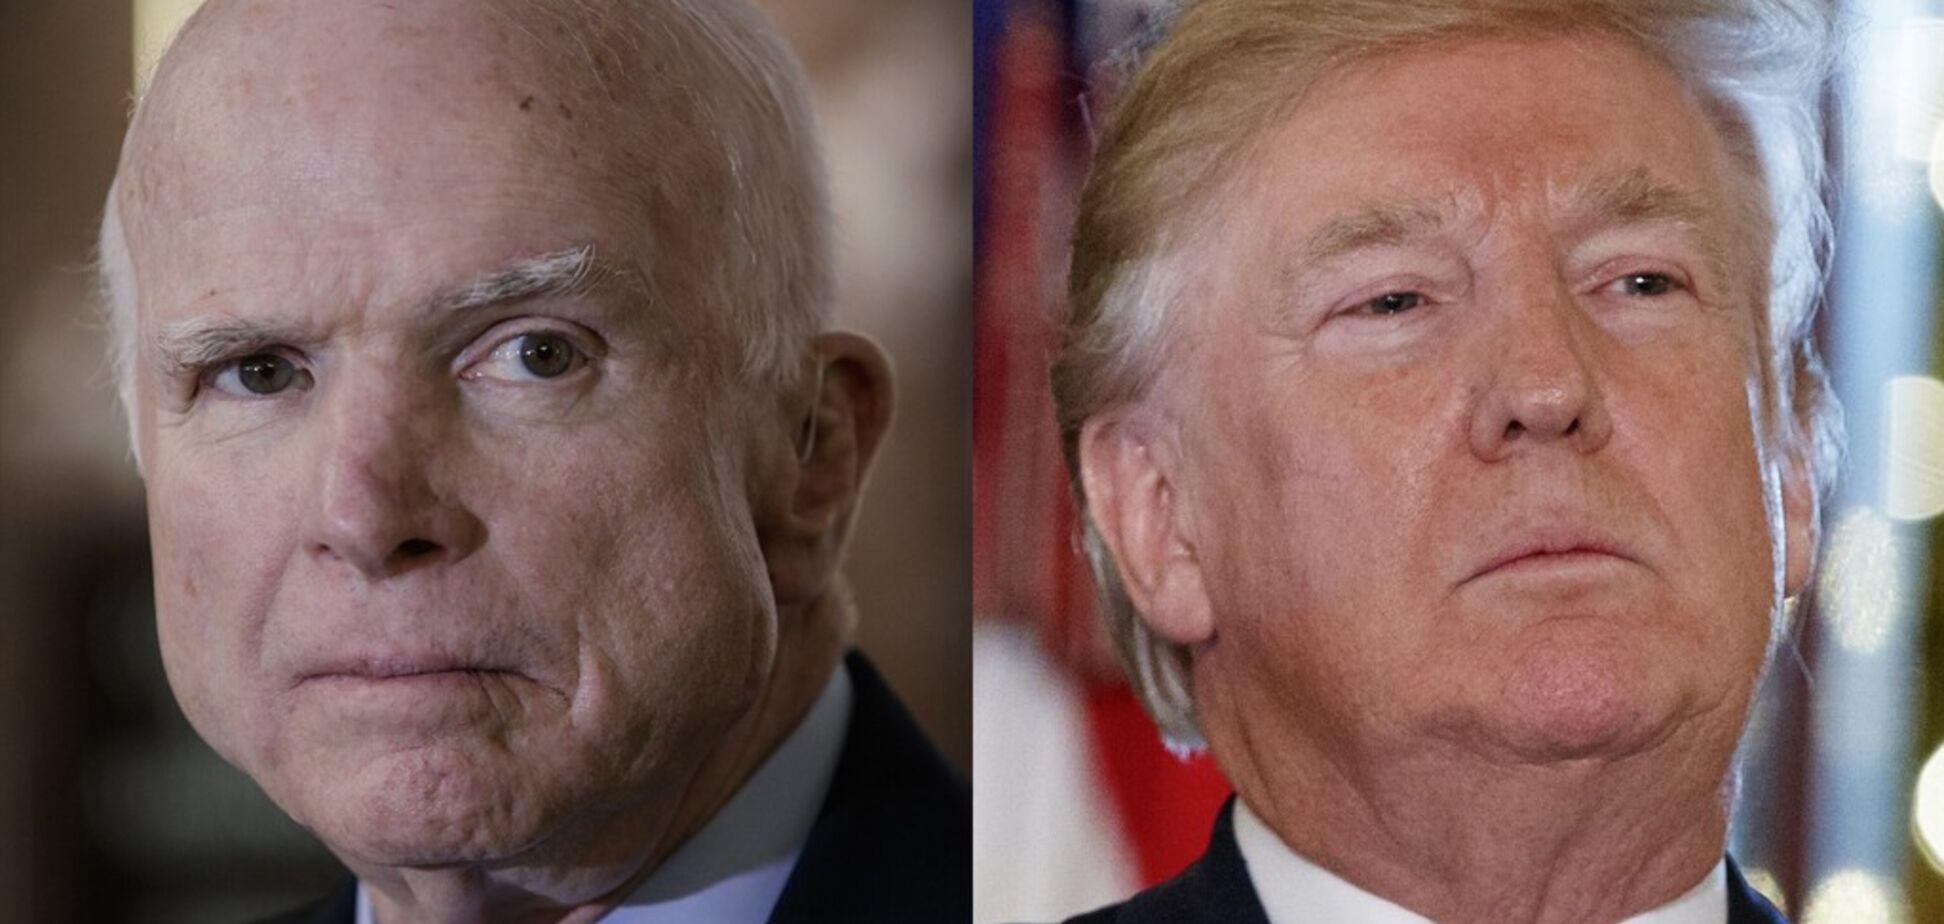 Трамп потрапив у скандал через покійного Маккейна: що трапилося